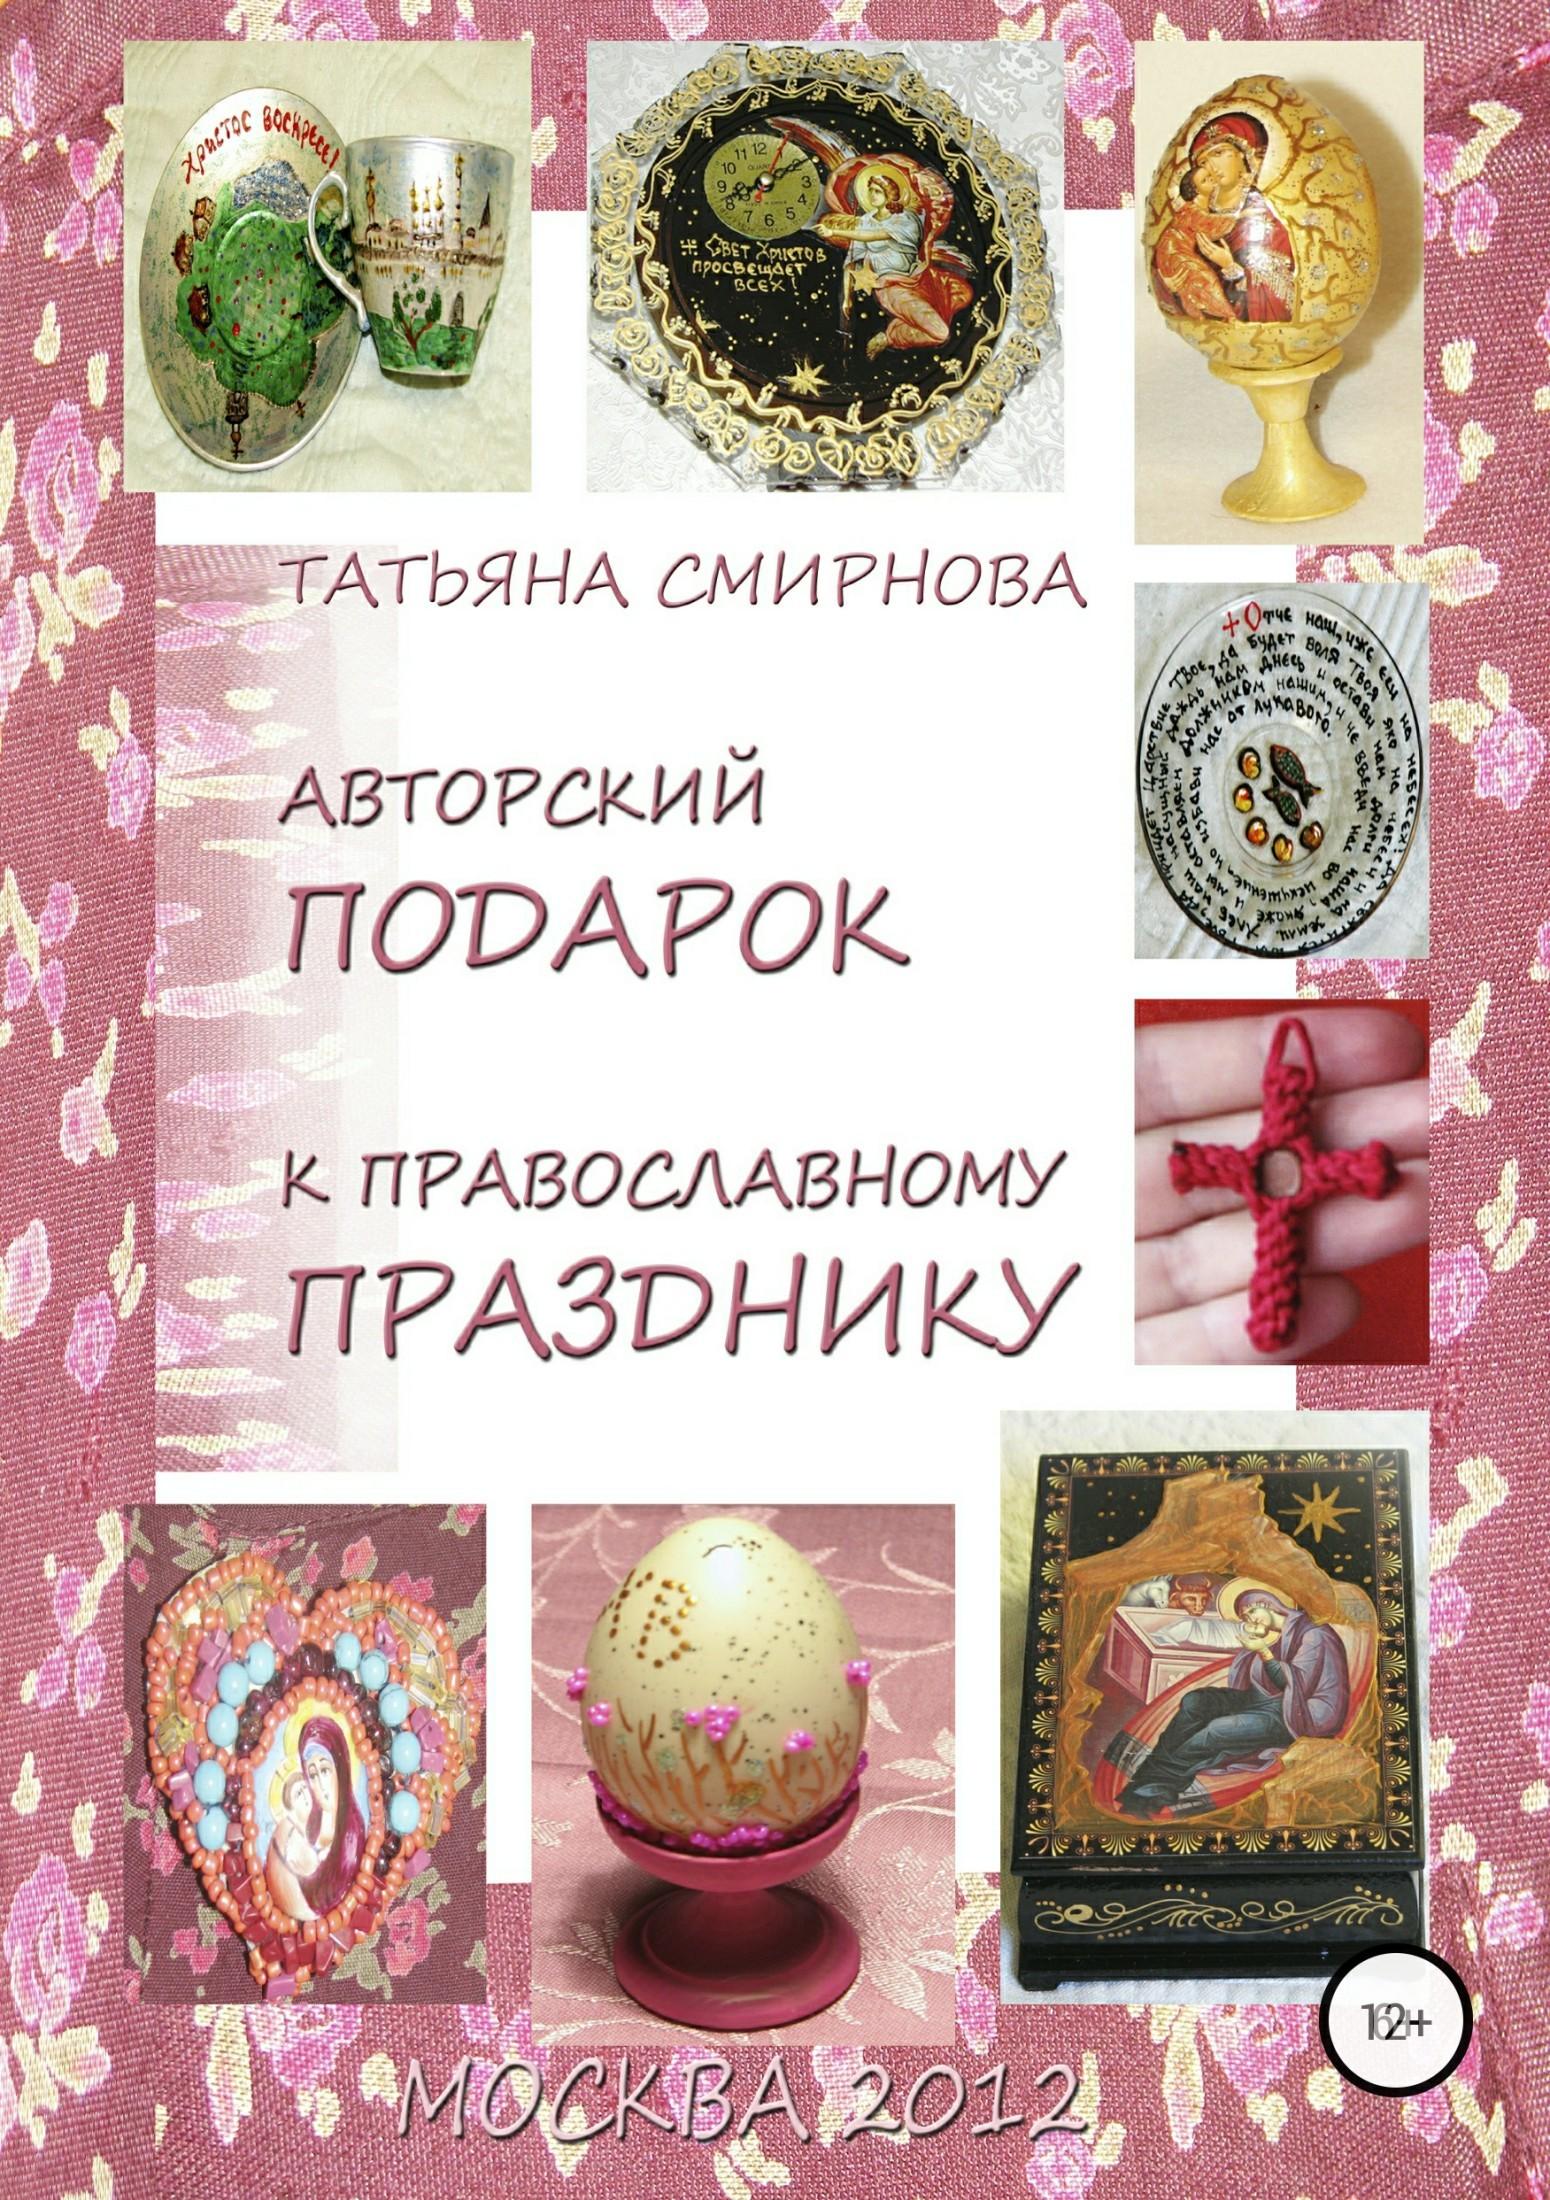 Татьяна Смирнова - Авторский подарок к православному празднику